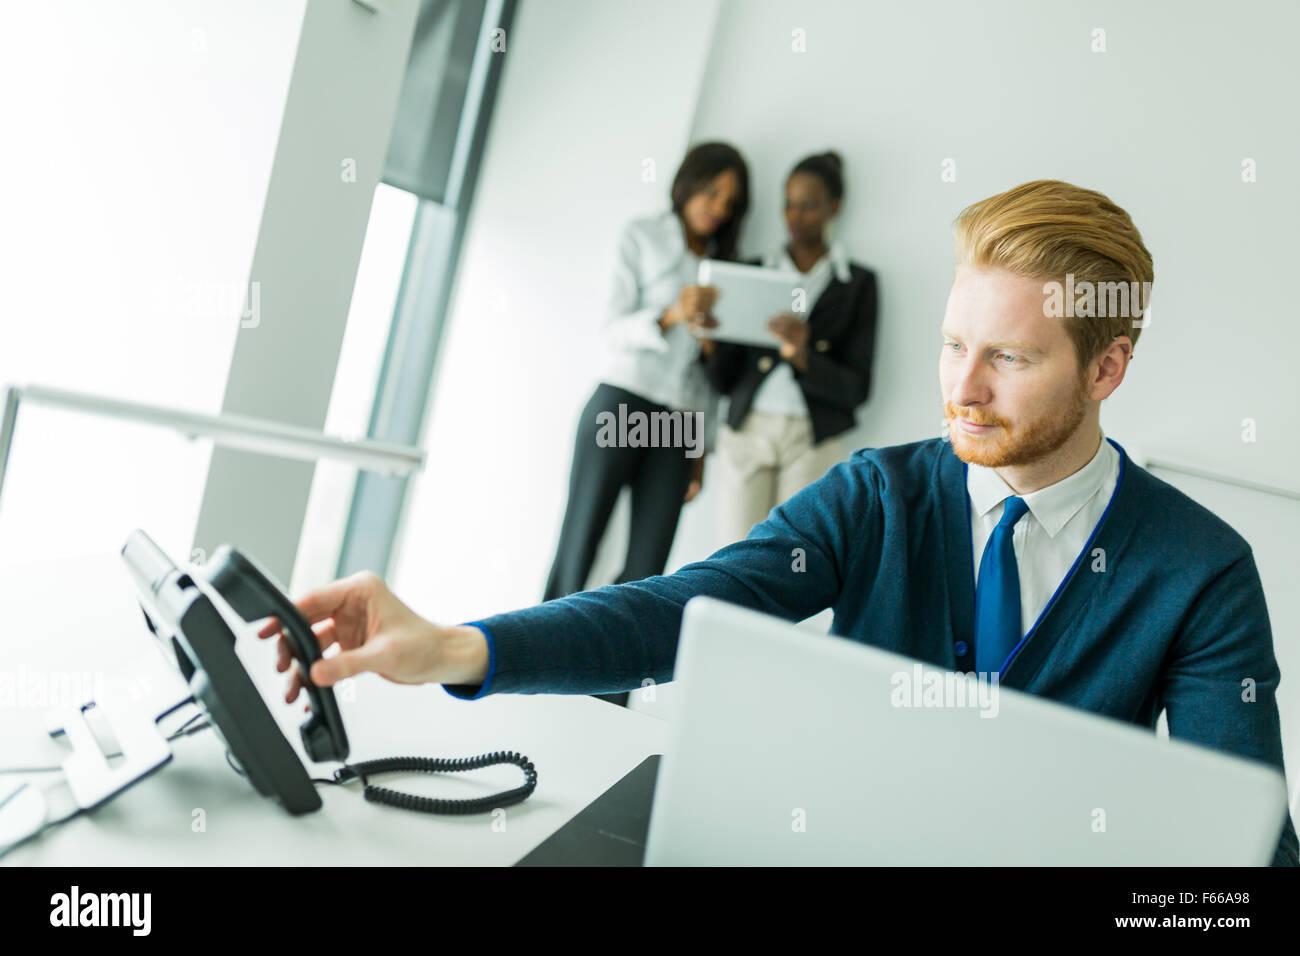 Imprenditore circa per rispondere al telefono con due belle, giovani donne avente una conversazione in background Immagini Stock